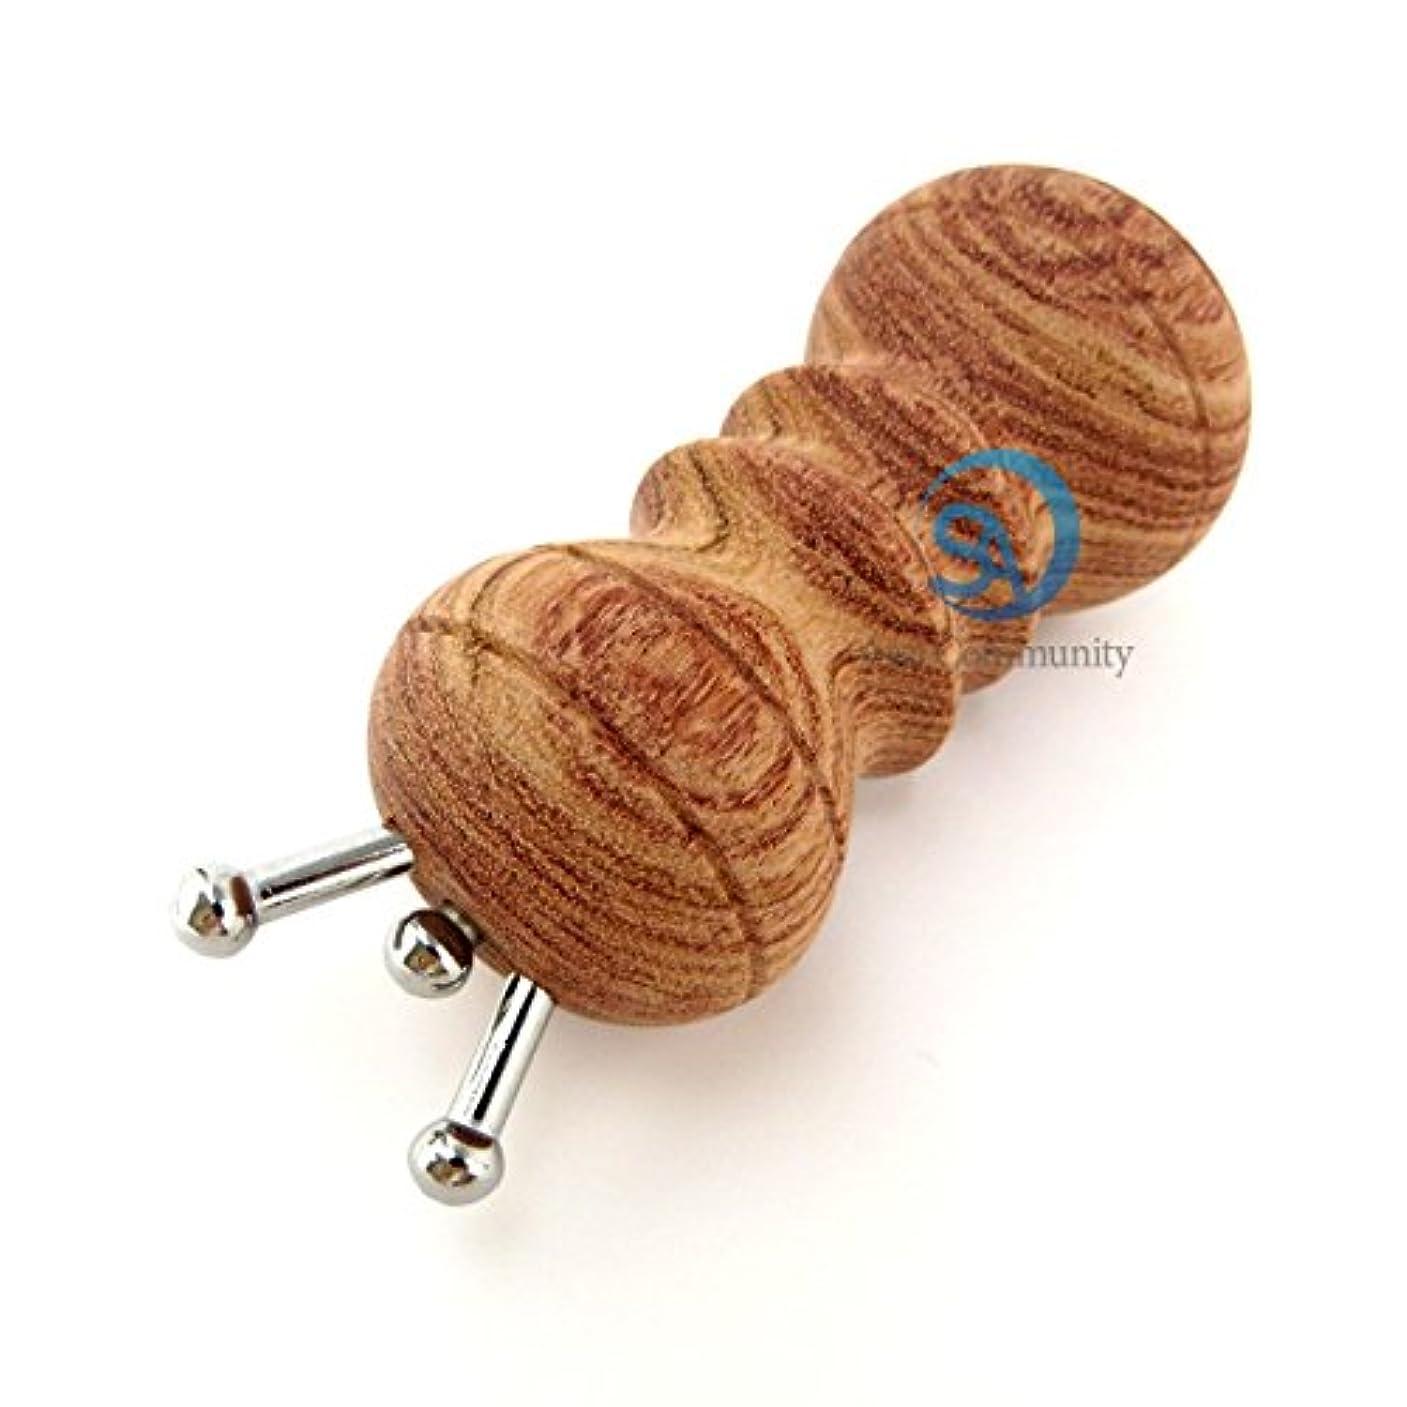 メロン水平元に戻すかっさ 無痕かっさ 天然花梨木 (カリボク) 磁石付き マッサージ器